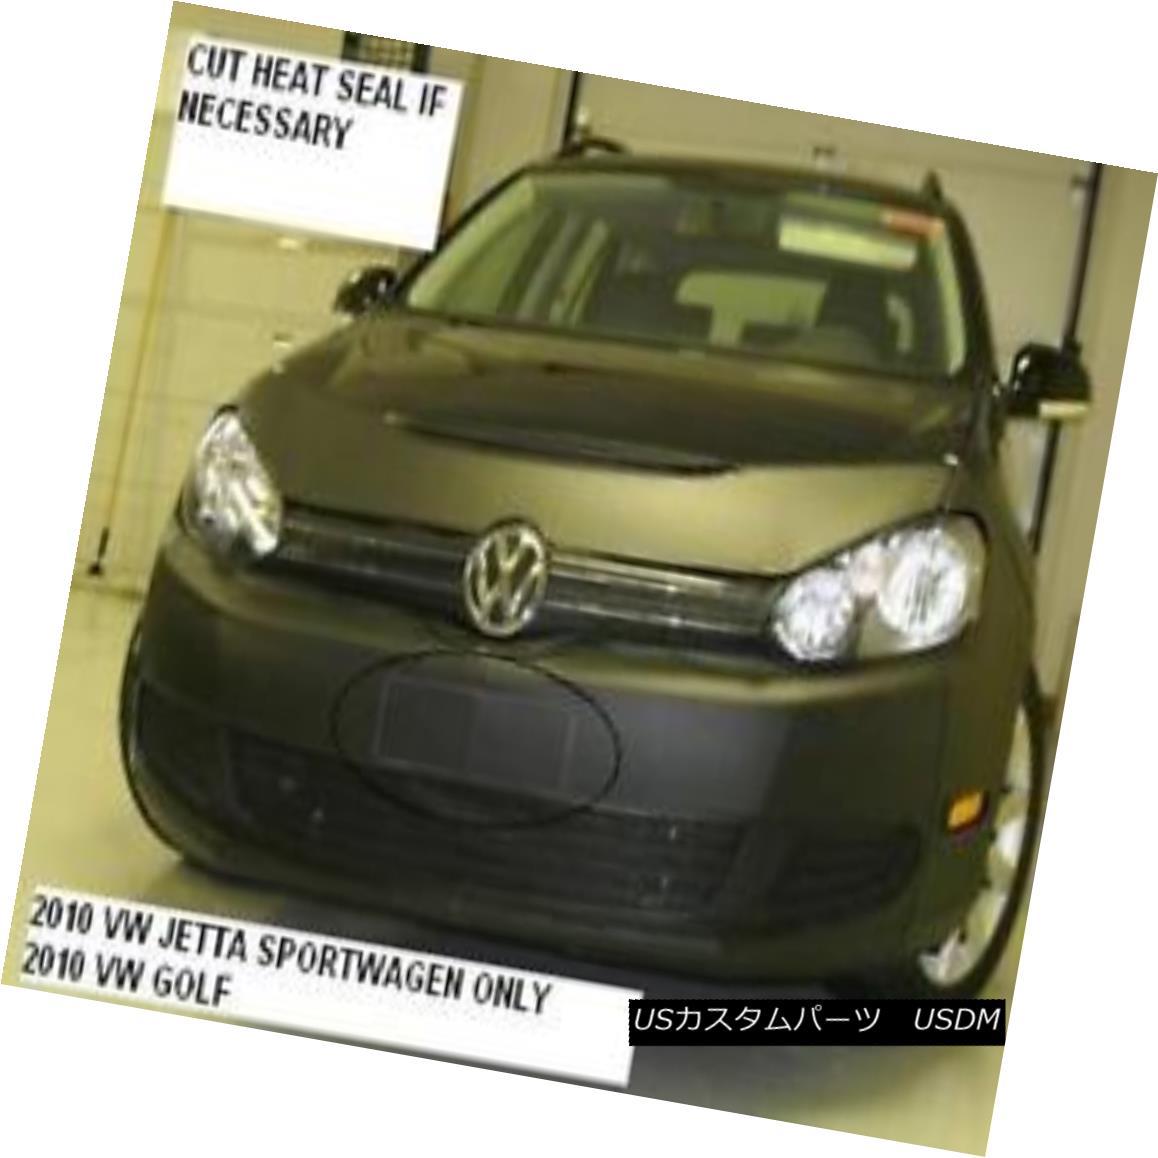 フルブラ ノーズブラ Lebra Front End Mask Cover Bra Fits VW Jetta sportwagen 2010-2014 10 11 12 13 14 LebraフロントエンドマスクカバーブラはVW Jetta sportwagenに適合2010-2014 10 11 12 13 14